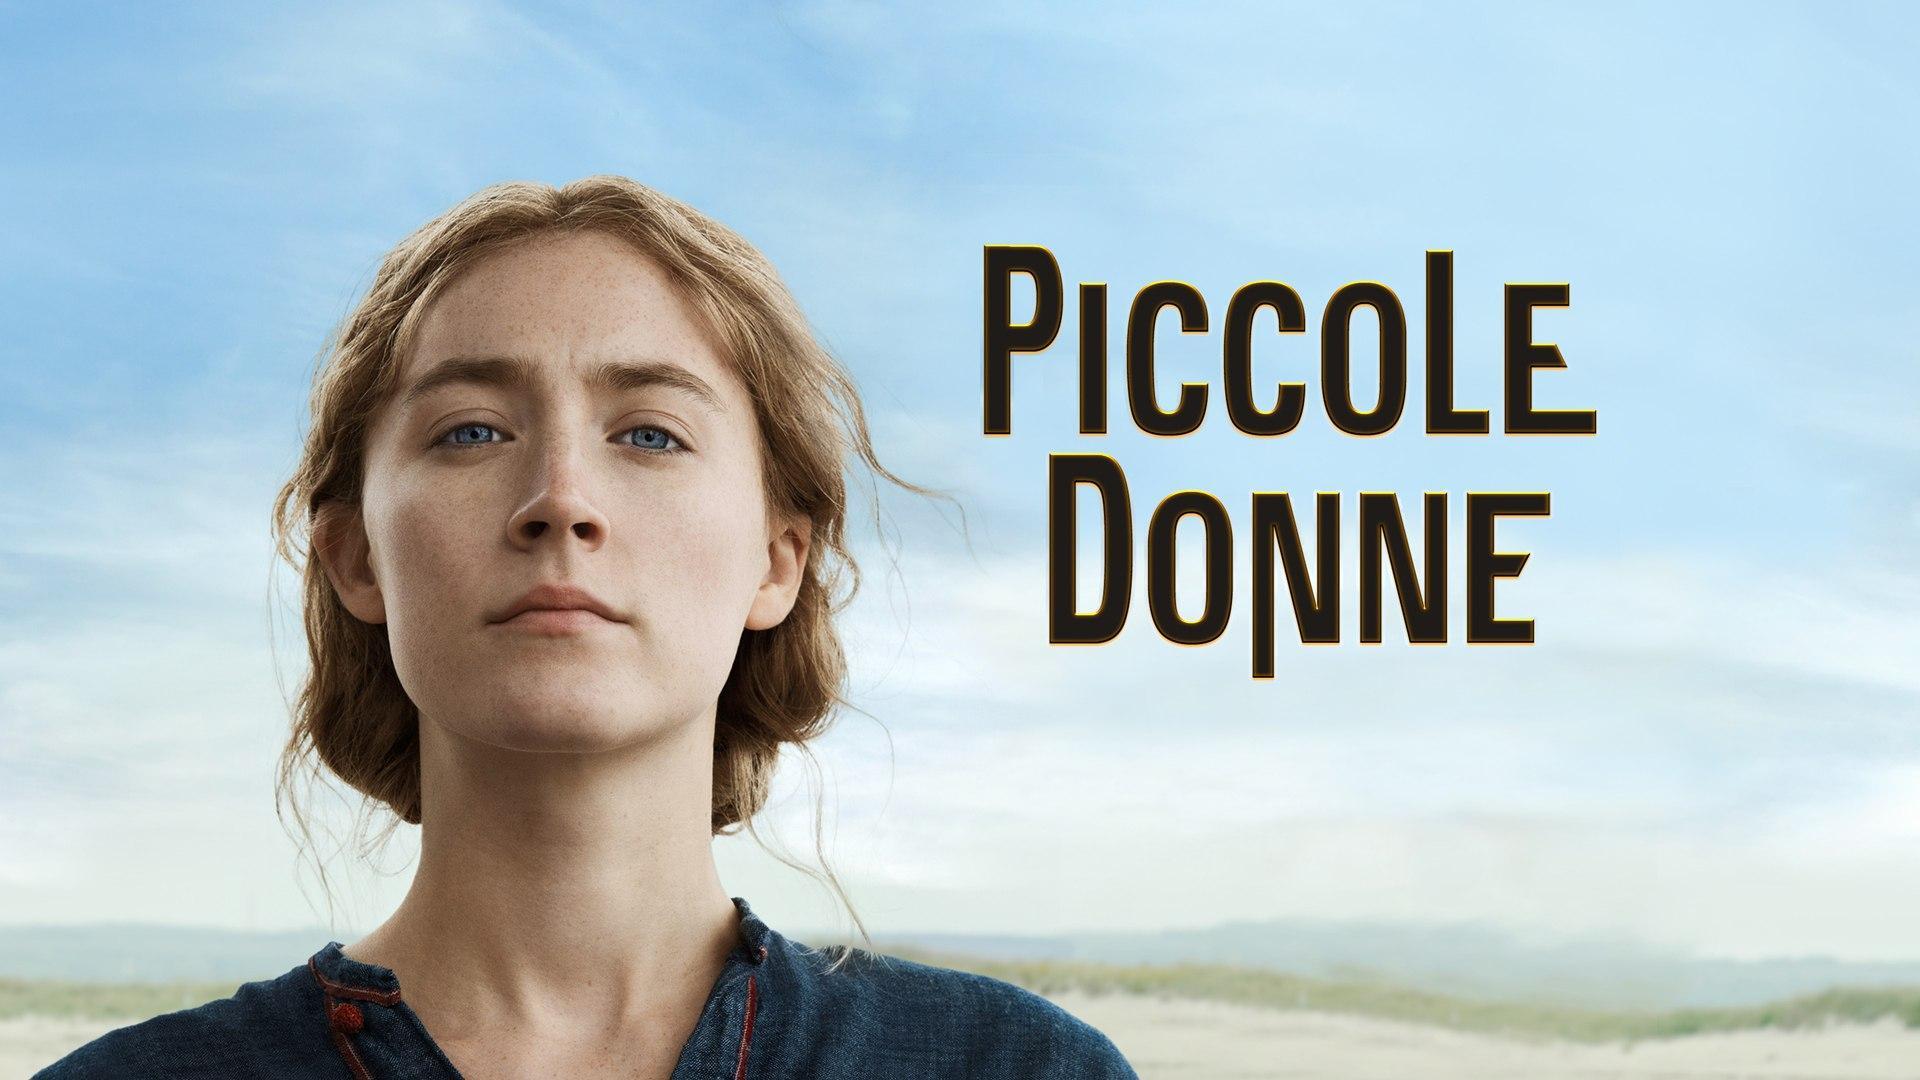 Domenica 27 Dicembre 2020 Sky e Premium Cinema, Piccole Donne